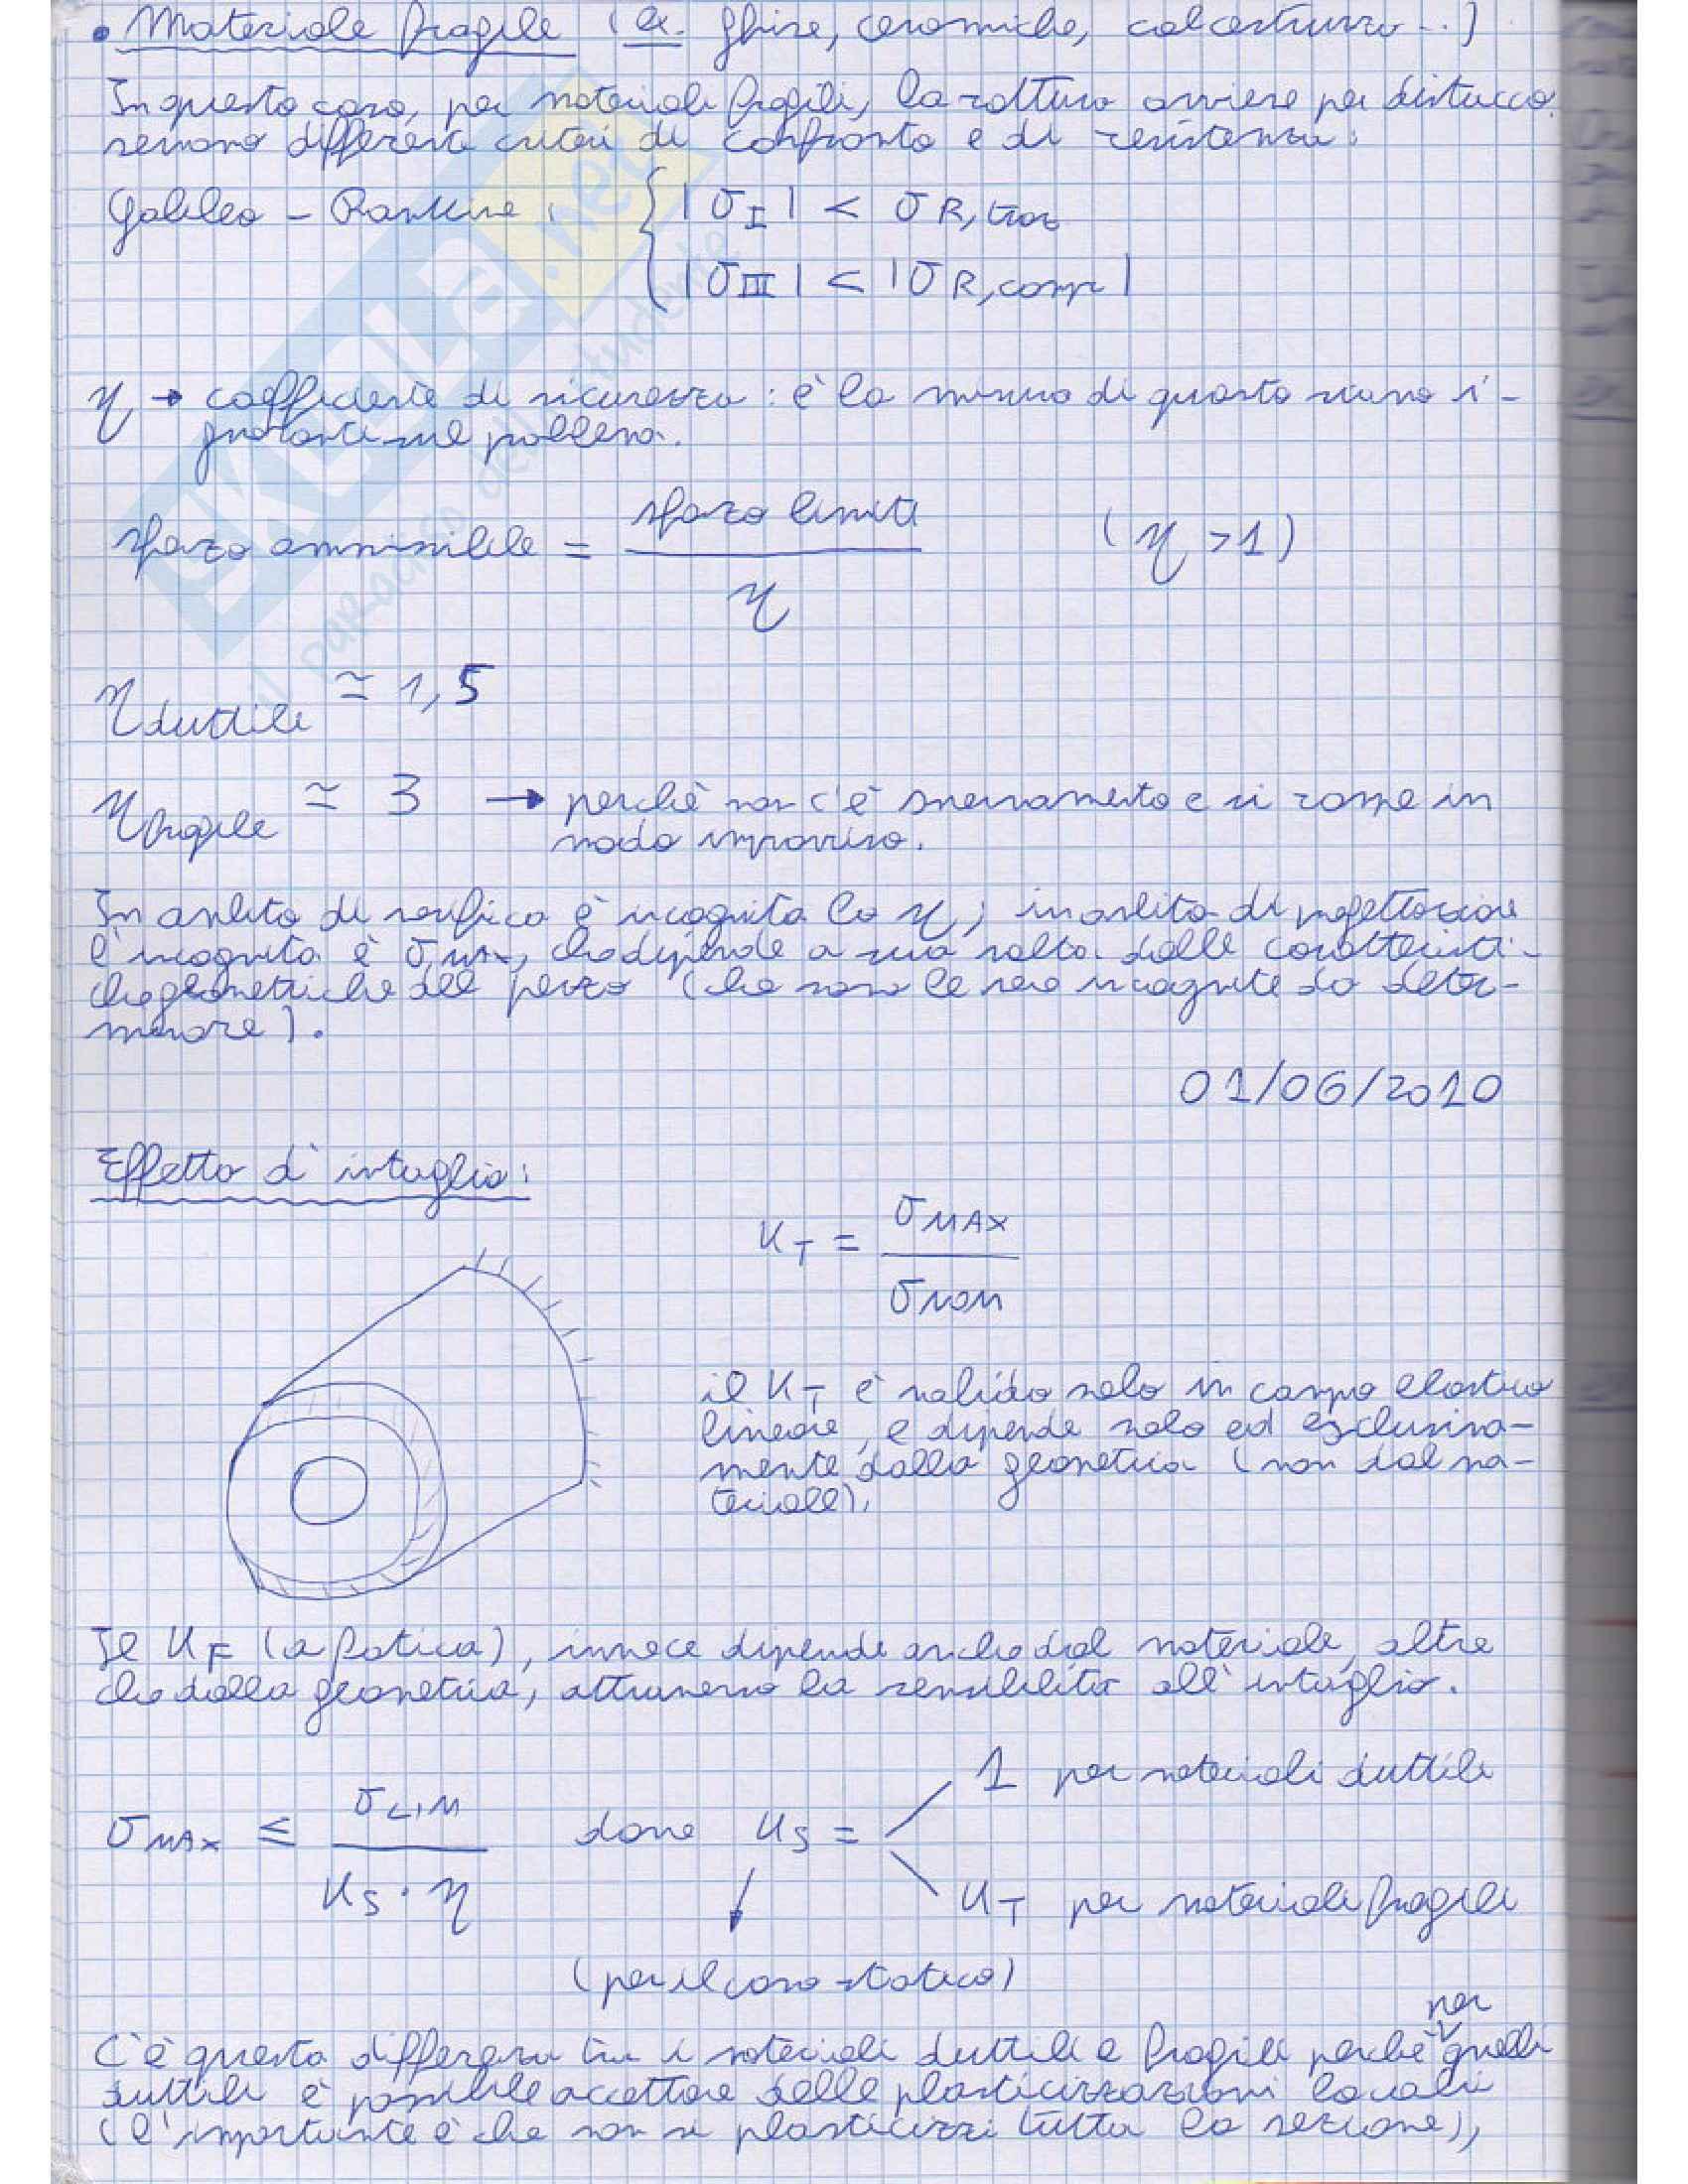 Lezioni, Laboratorio progettuale di calcolo strutturale Pag. 126